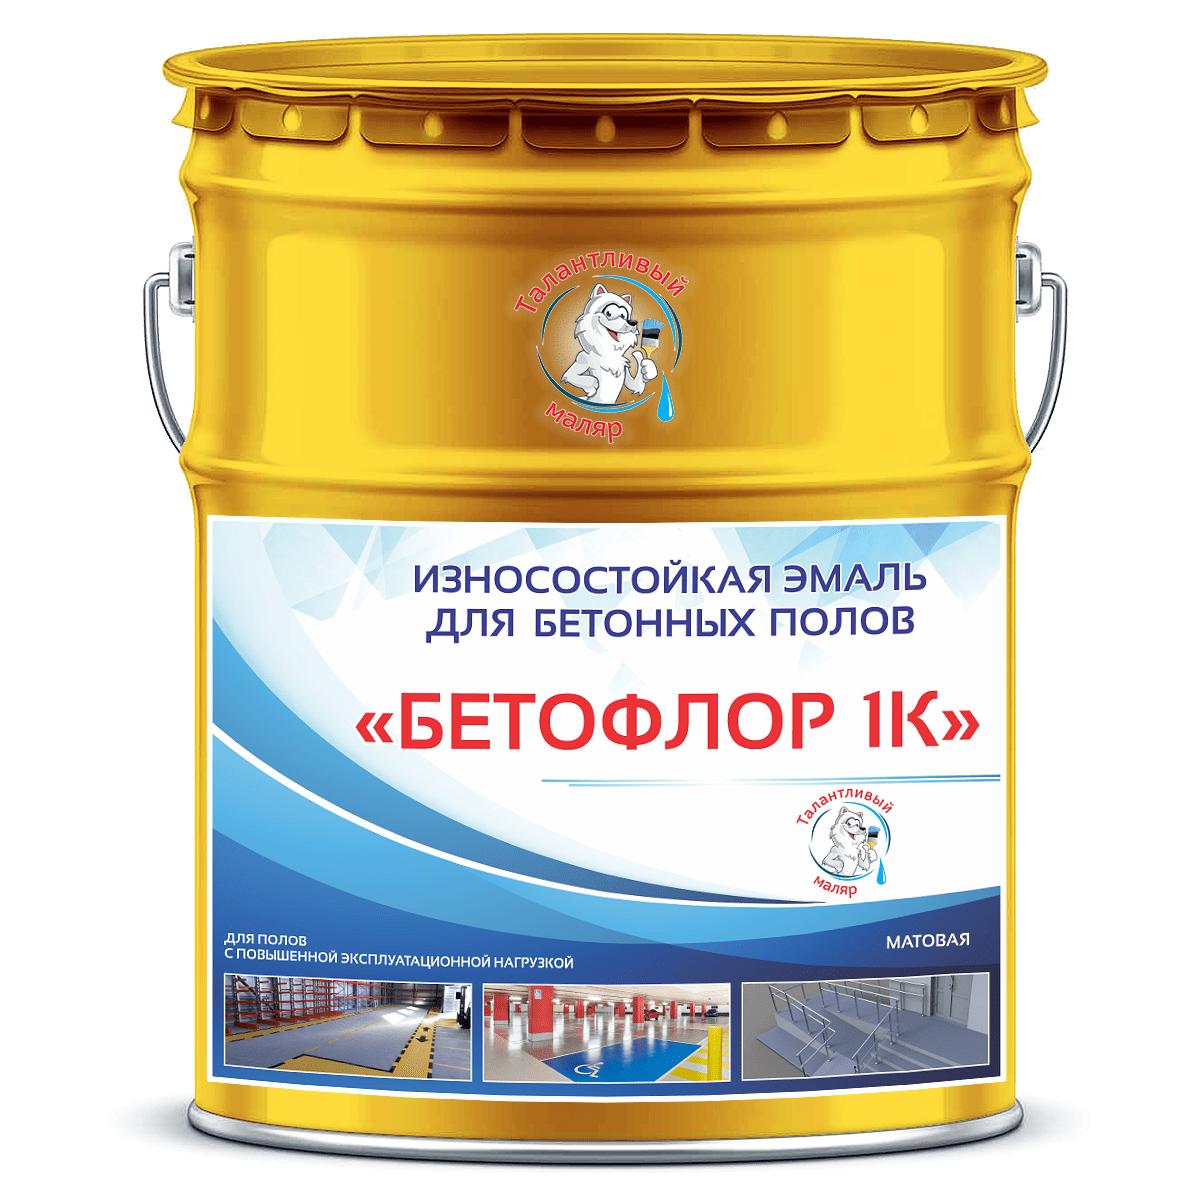 """Фото 23 - BF1028 Эмаль для бетонных полов """"Бетофлор"""" 1К цвет RAL 1028 Жёлтая дыня, матовая износостойкая, 25 кг """"Талантливый Маляр""""г."""